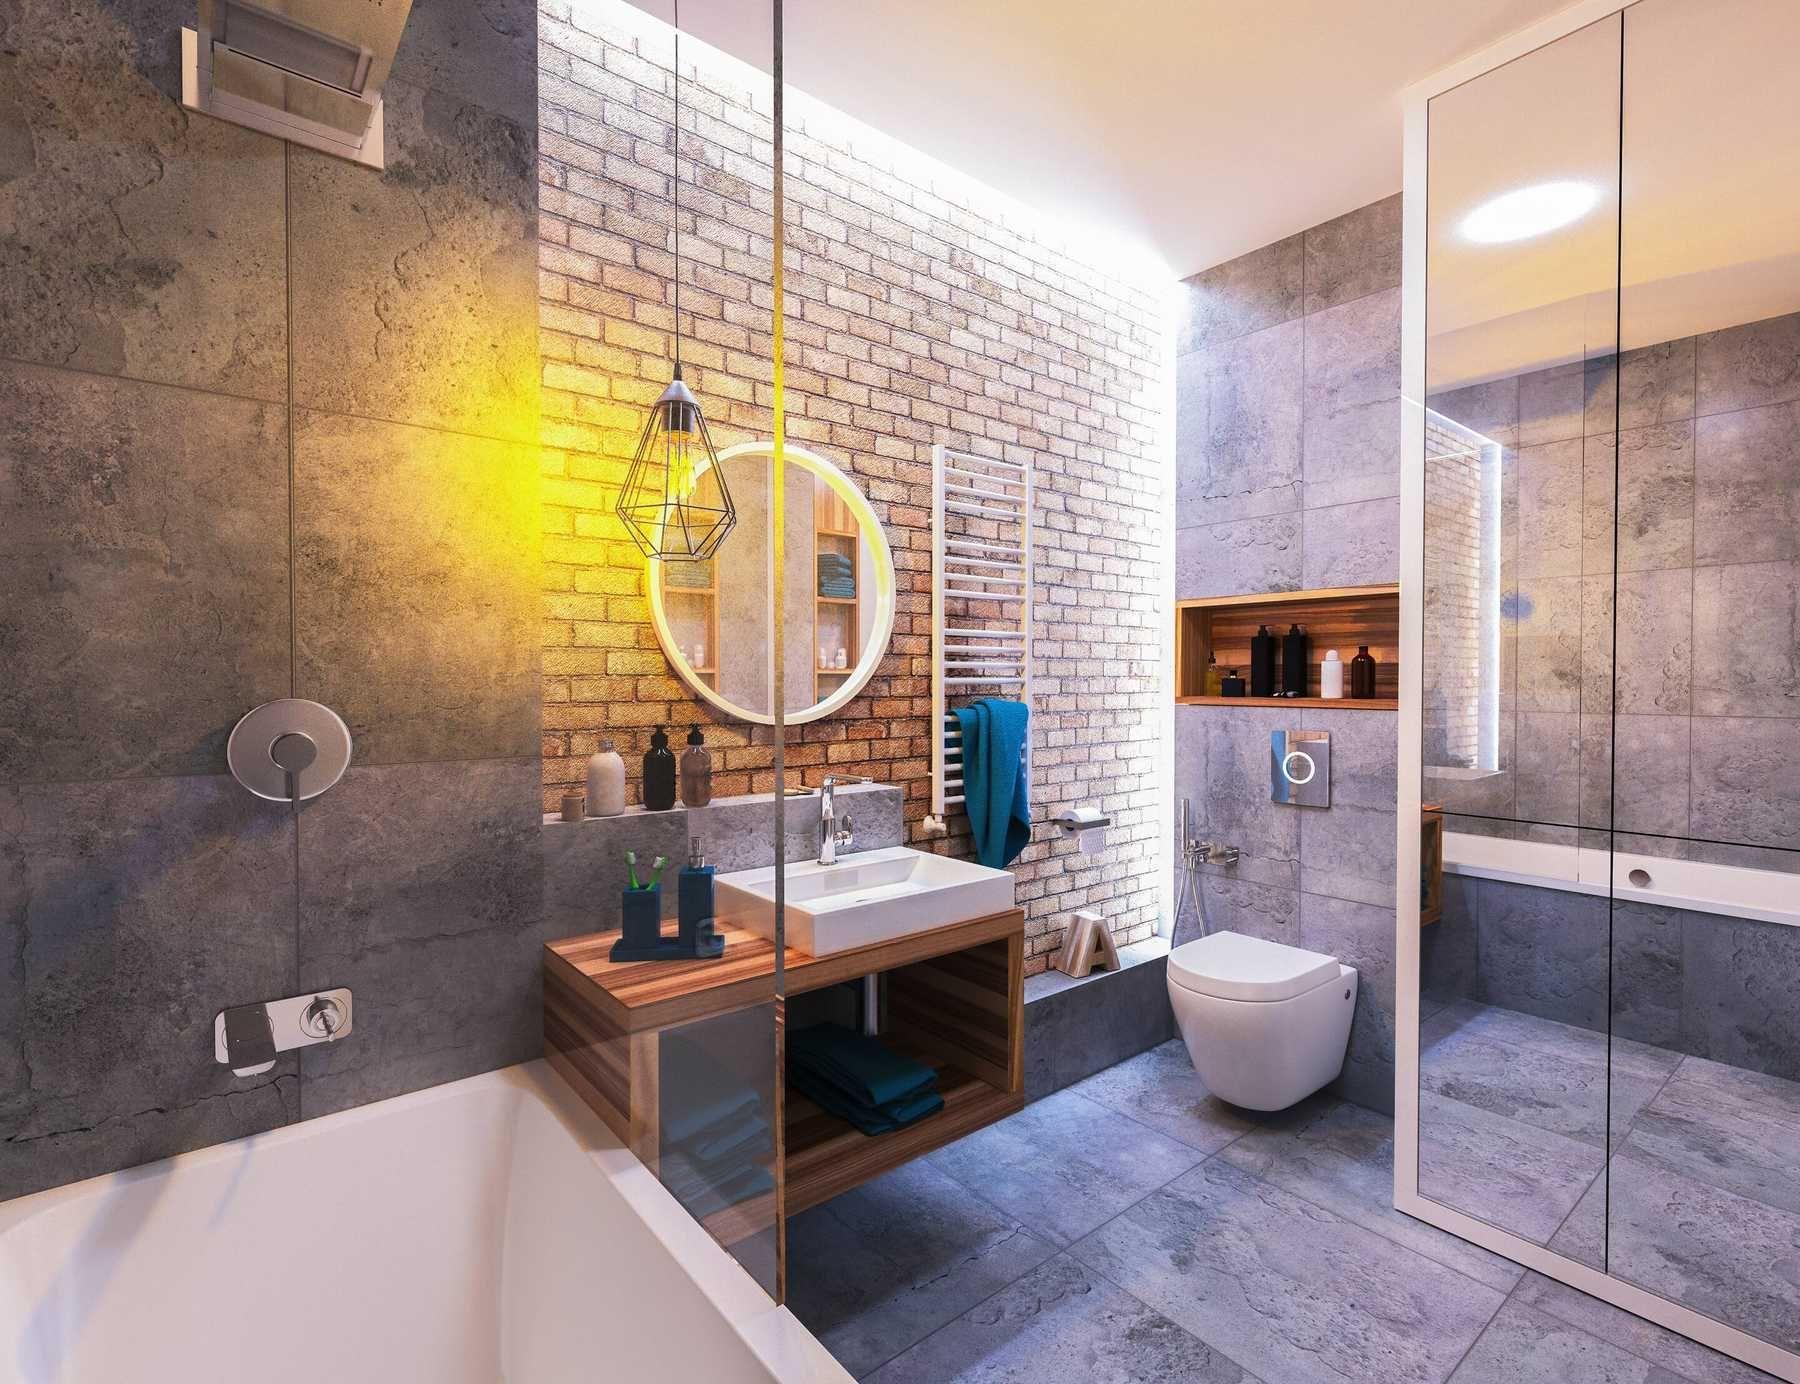 Mẫu nhà vệ sinh hiện đại chủ đề tông xám trắng và lắp các thiết bị vệ sinh hiện đại